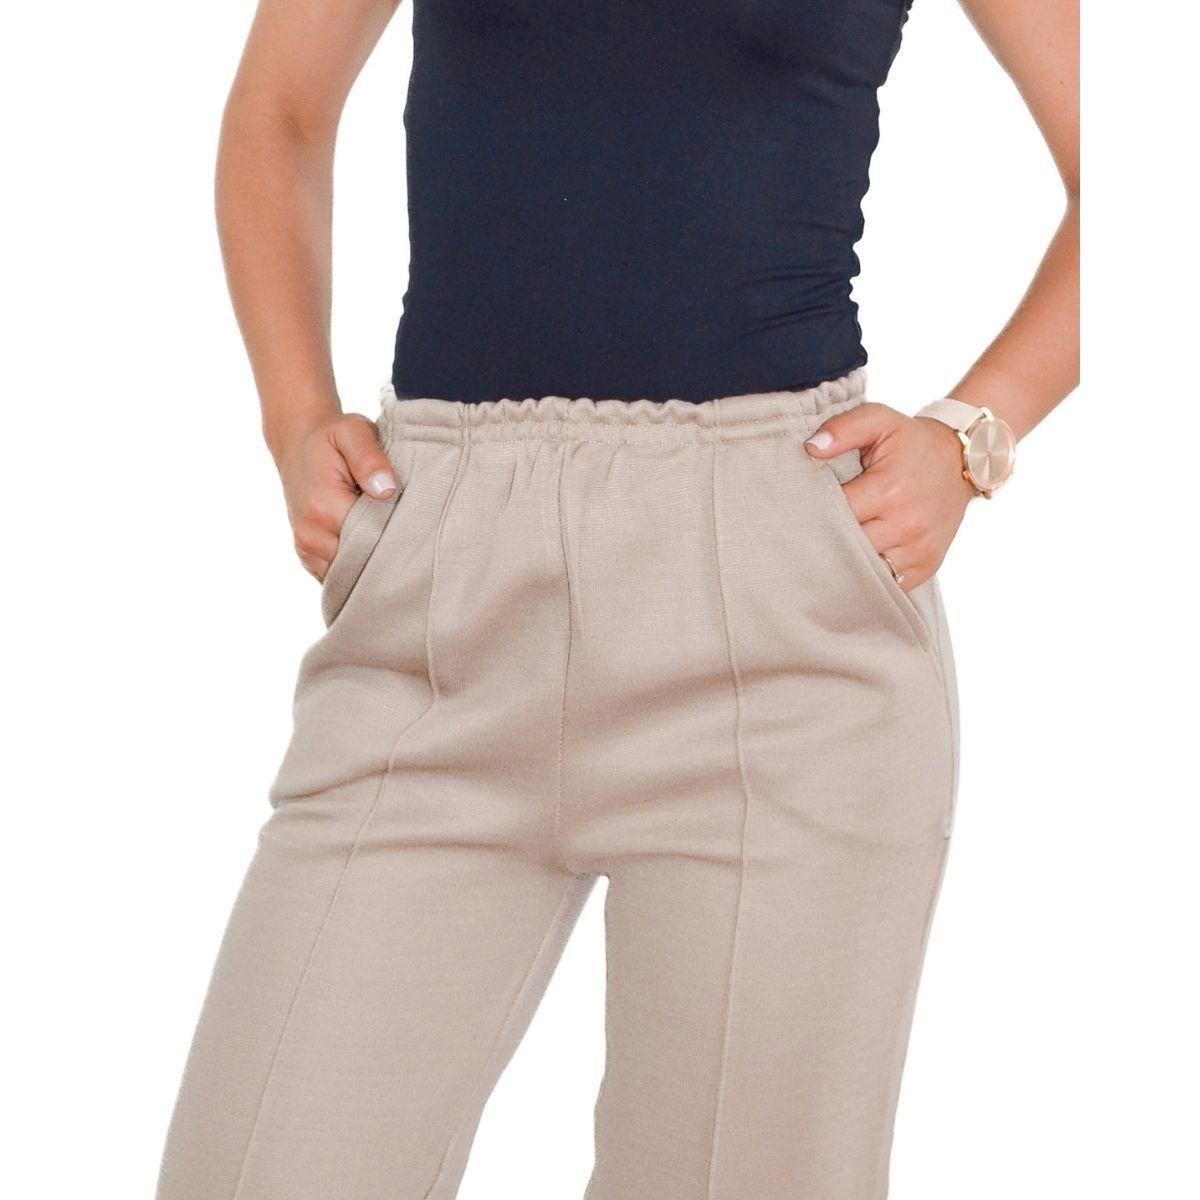 Pantalón Zuio de vestir arena grande